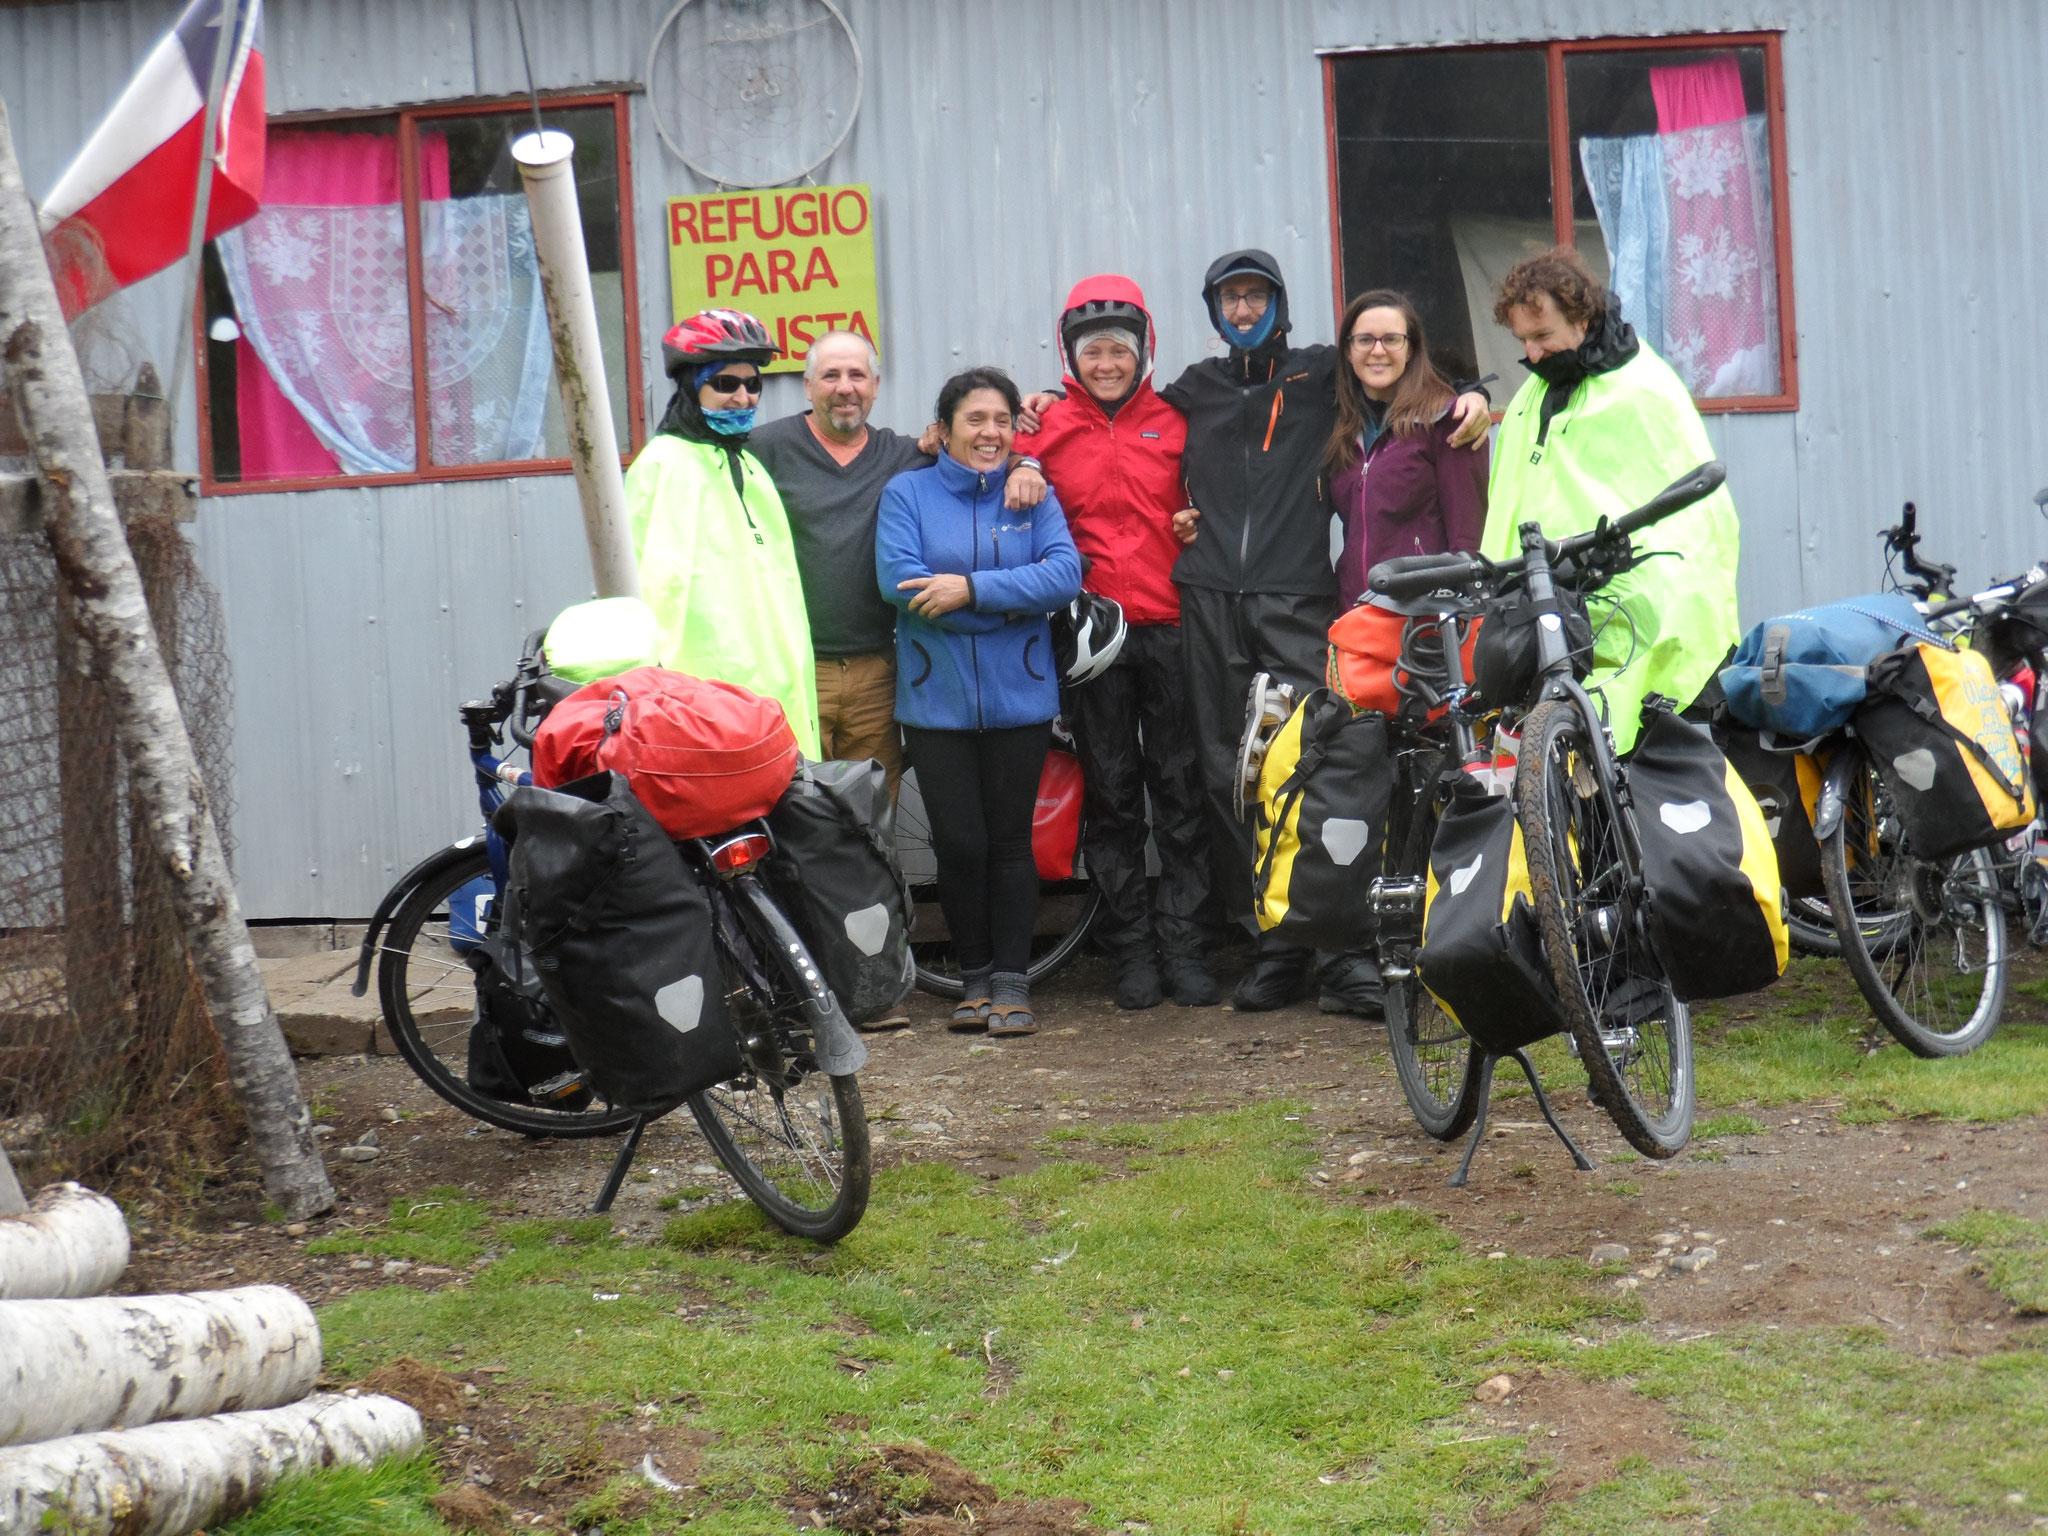 Lendemain de nouvel an au refuge cycliste de Villa Amengual. merci Ines et Jorge!